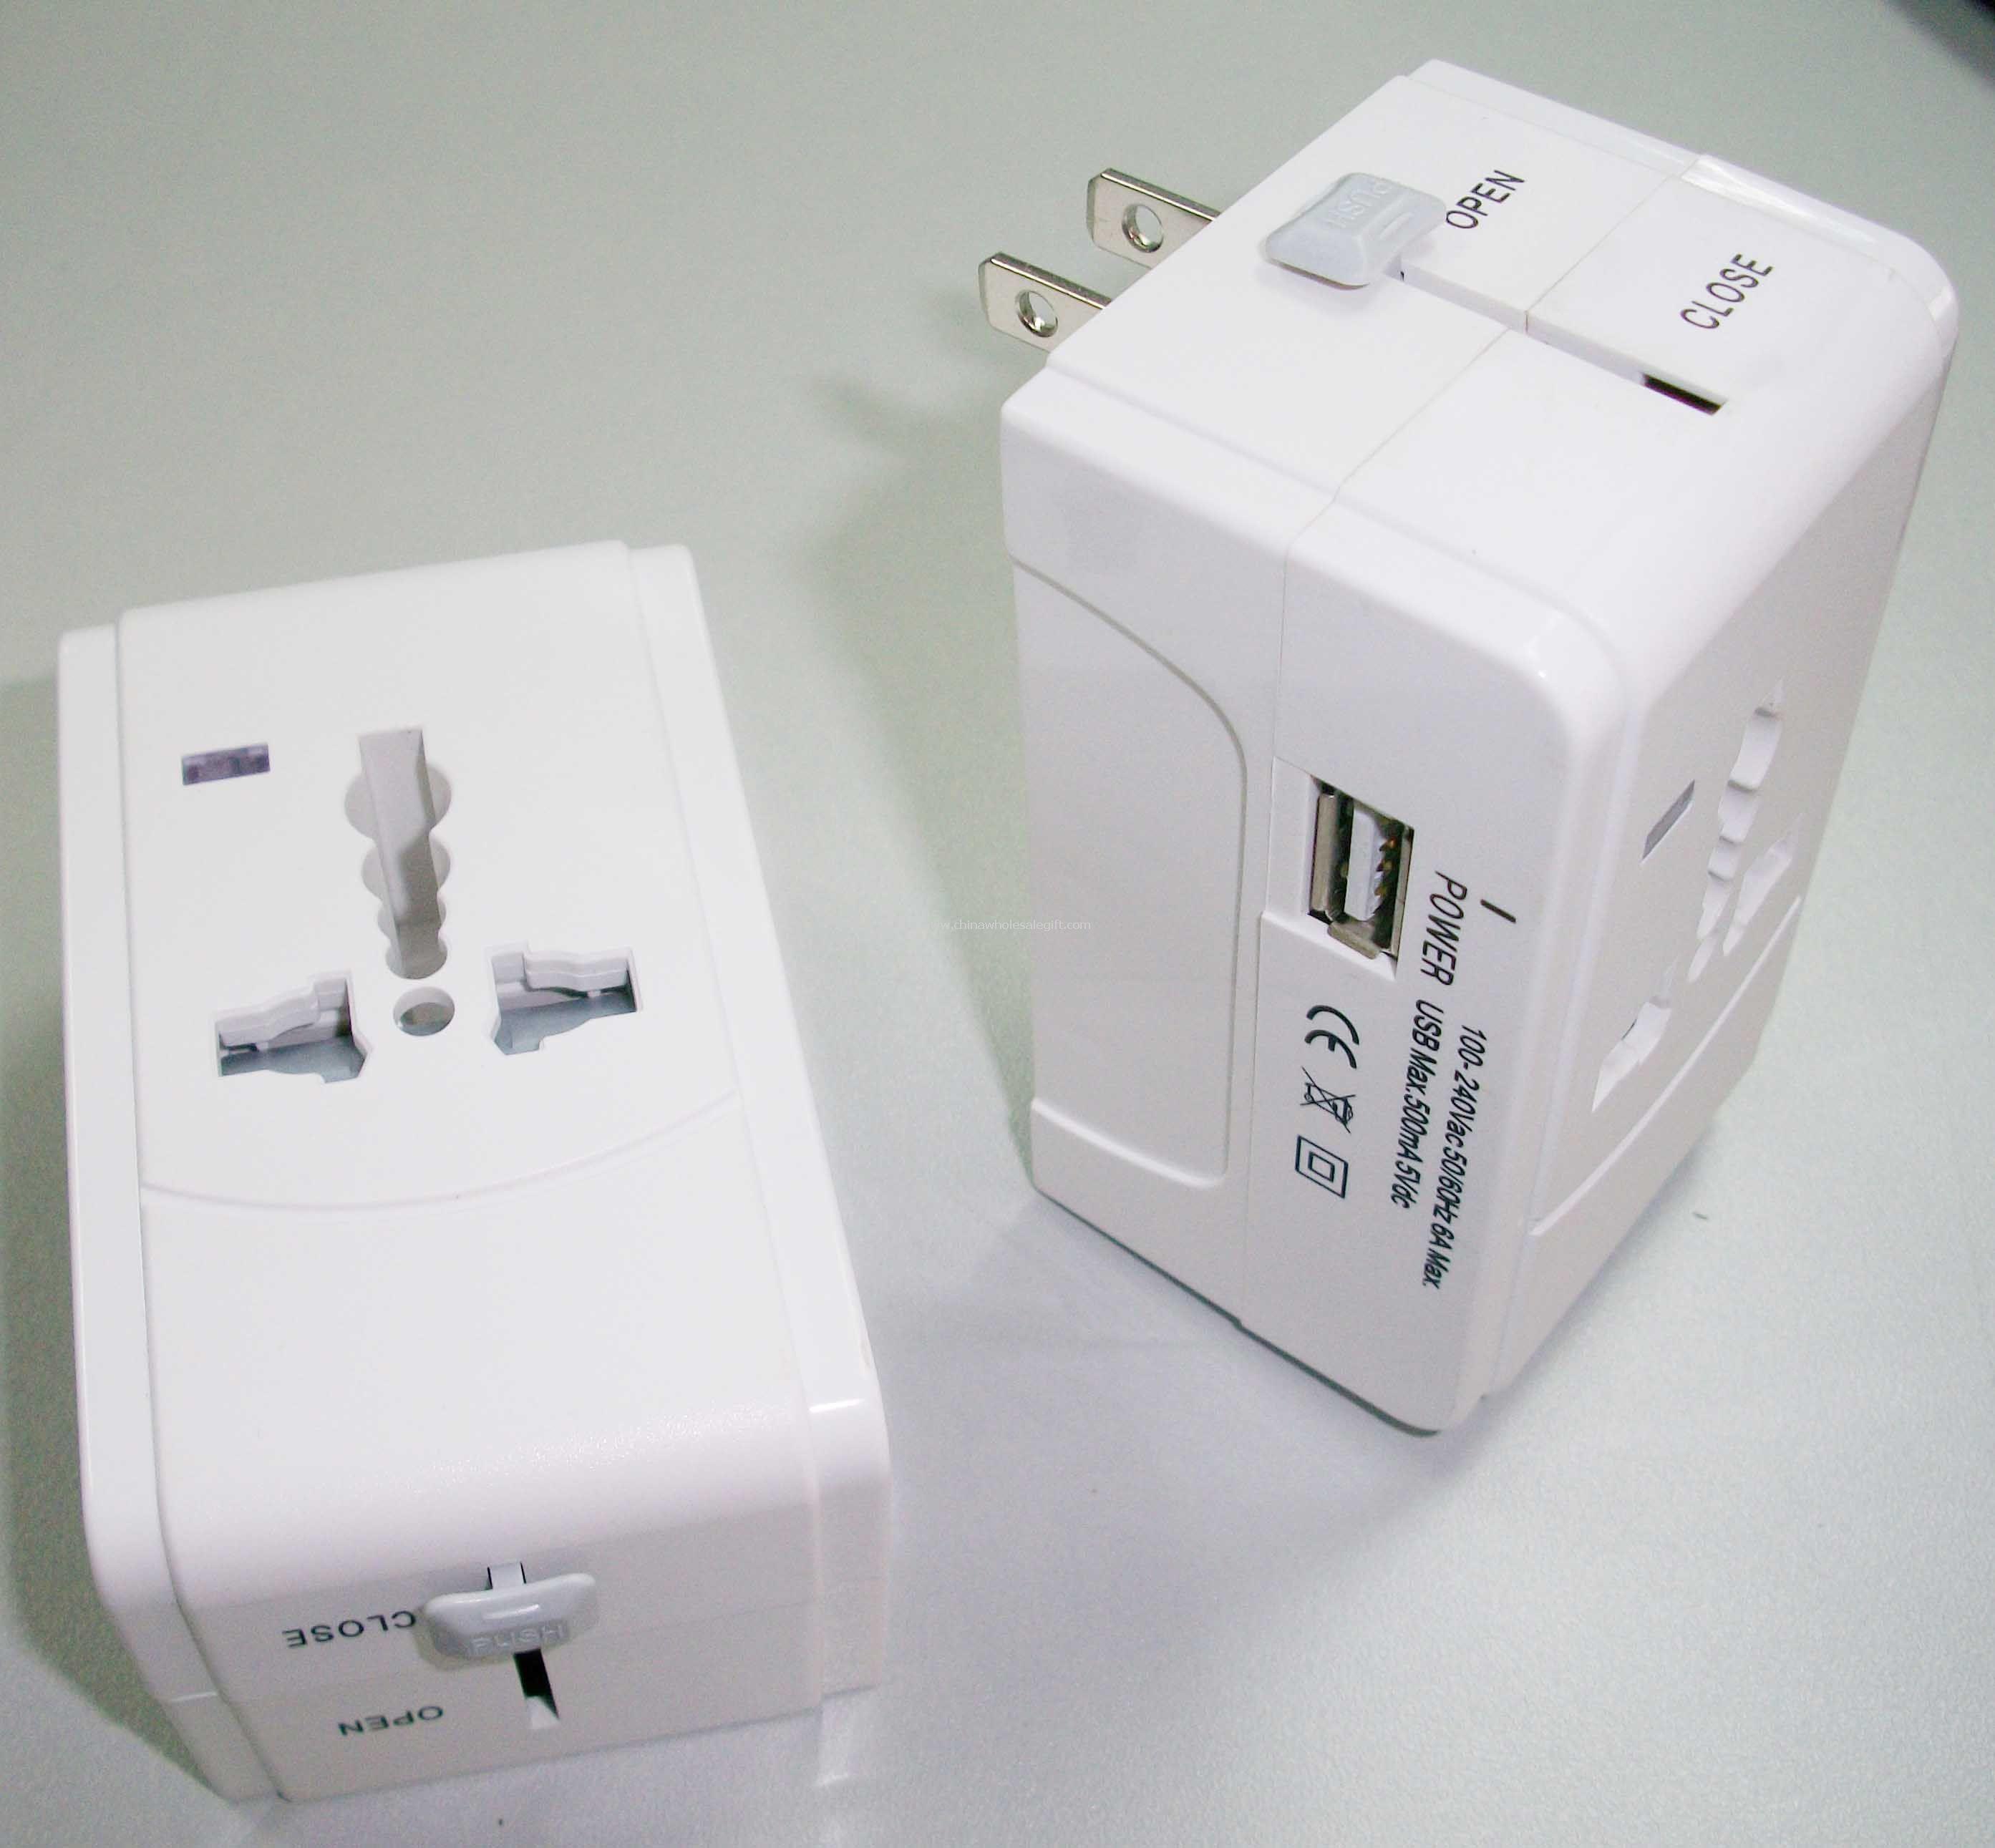 adaptador seguro dupla com carregador USB